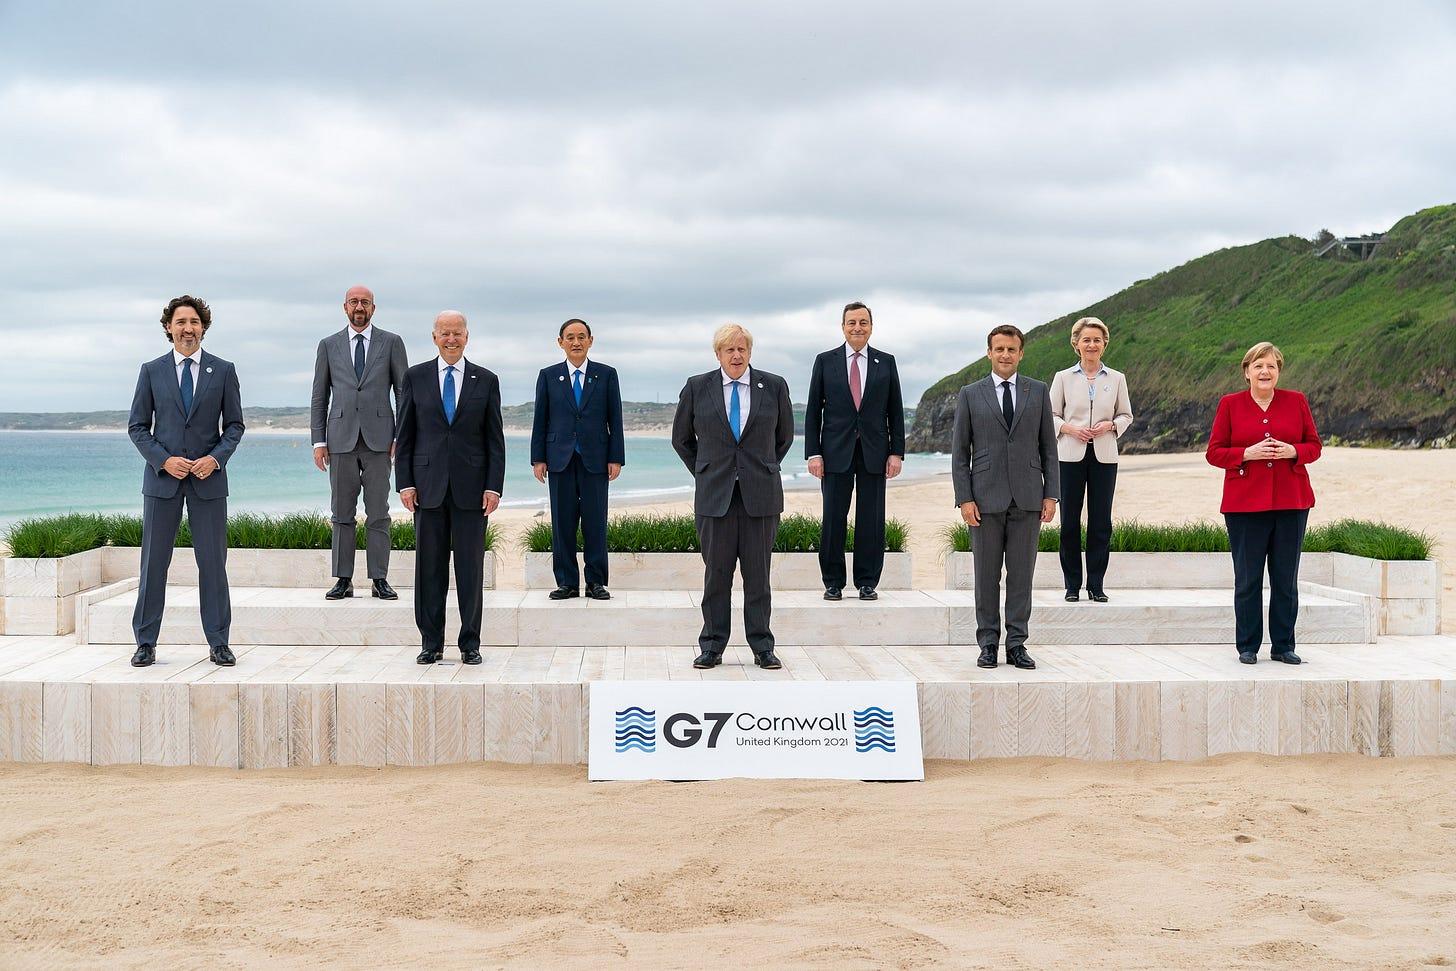 G7 Members